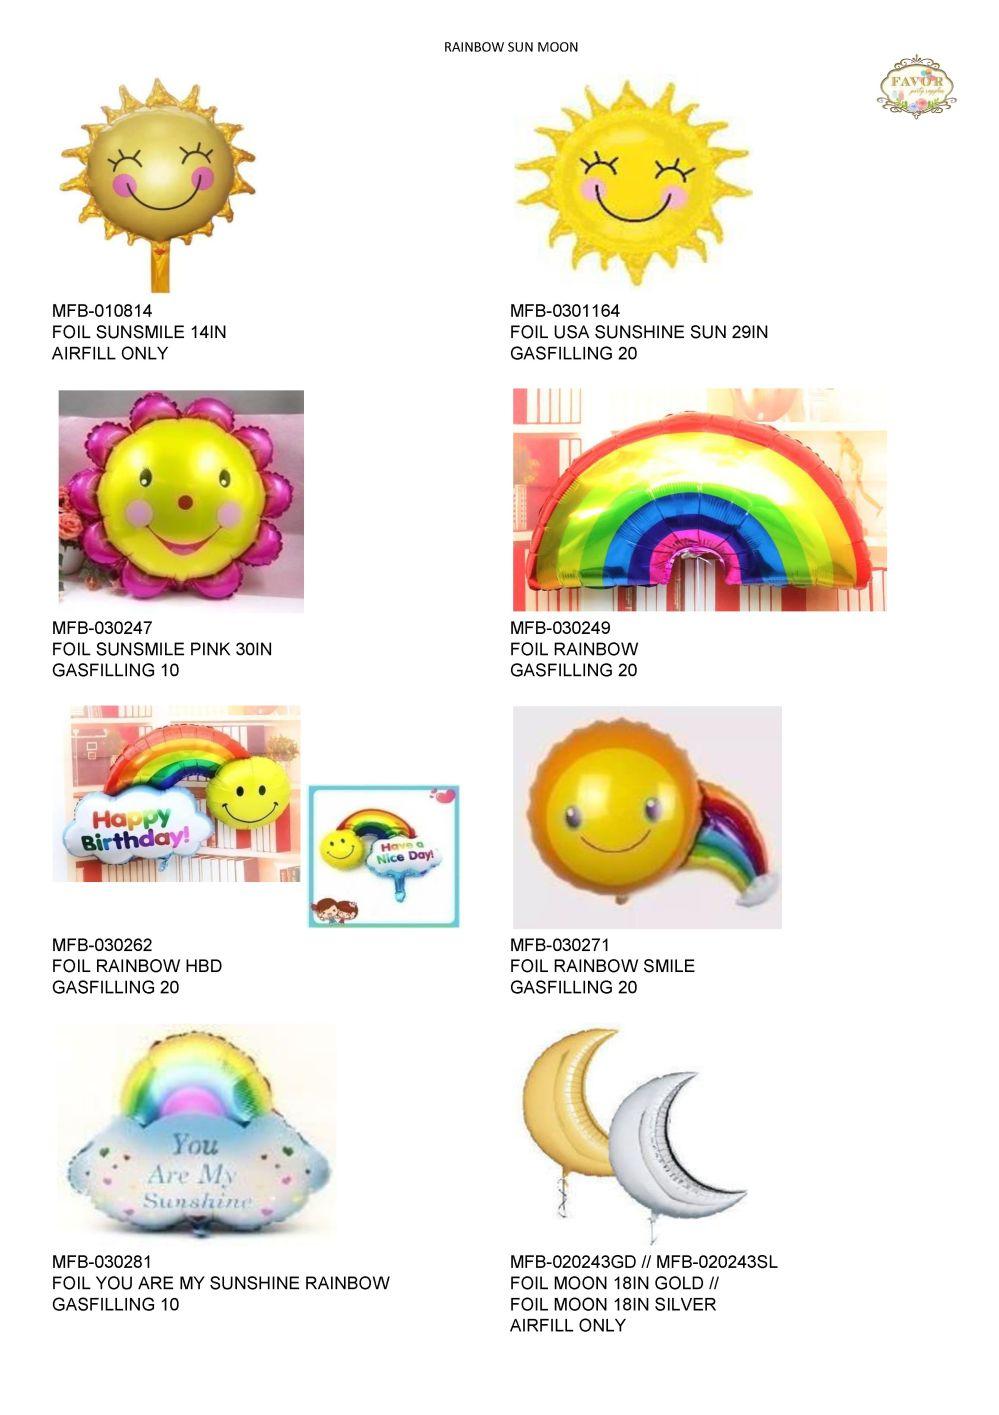 katalog-rainbow-sun-moon_1